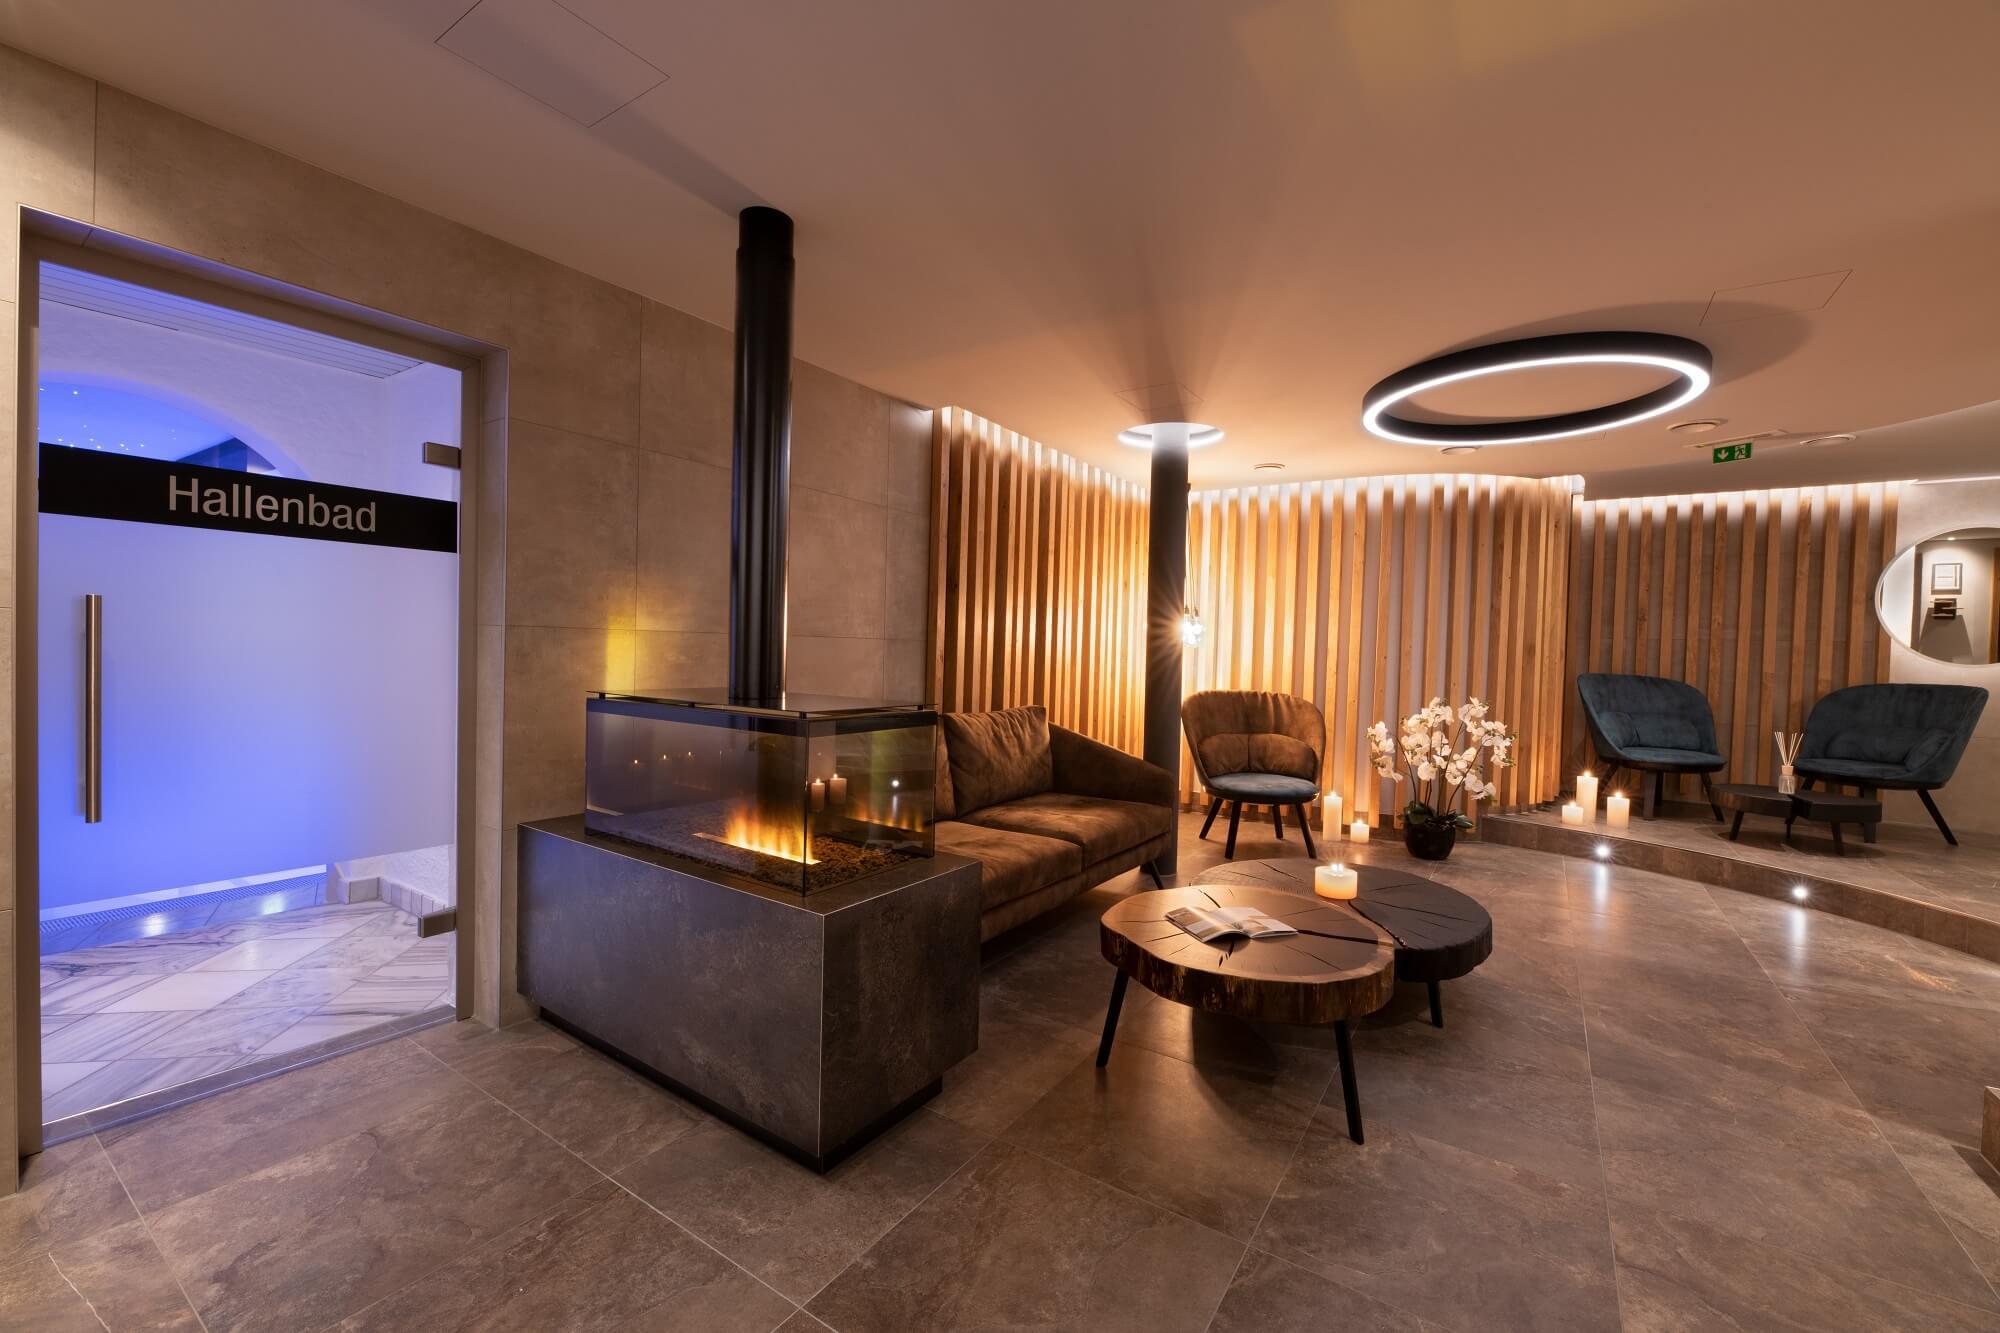 Der lodernde Kamin taucht den neuen Wellnessbereich in angenehmes Licht - Hotel Almesberger****S